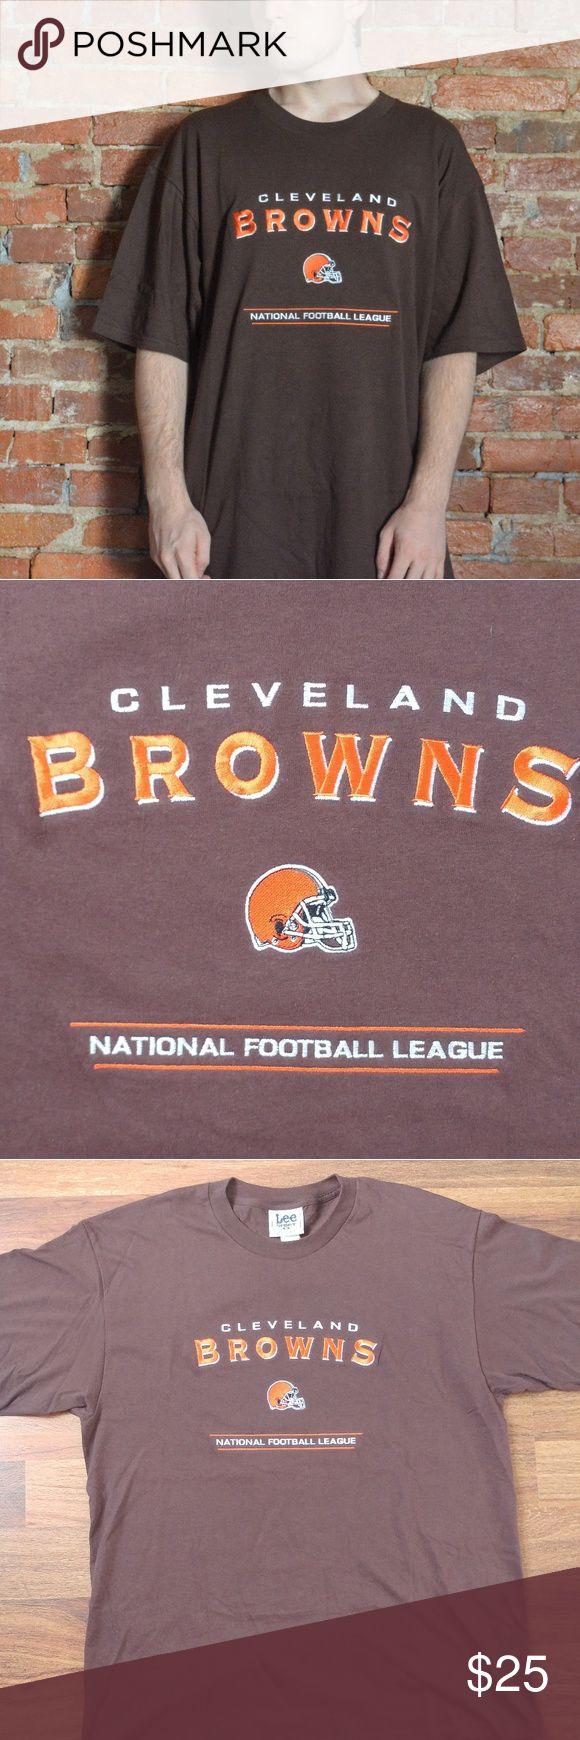 Vintage Cleveland Browns NFL 90s TShirt Lee Sport